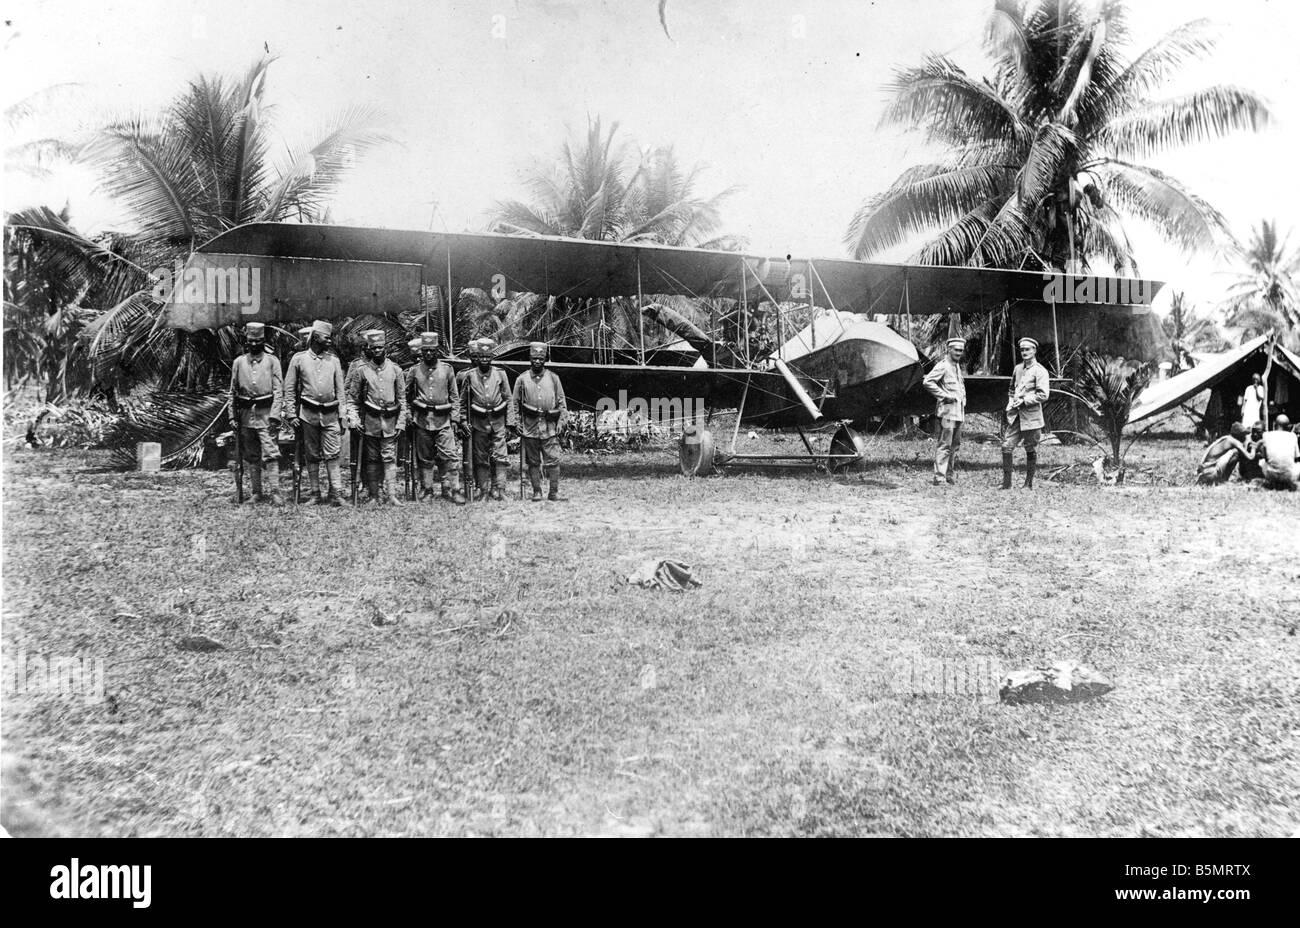 9AF 1914 0 0 A5 1 Askaris en avion ger l'Afrique de l'Est Seconde Guerre mondiale 1 Guerre dans les colonies l'Afrique orientale allemande maintenant aux autochtones en Tanzanie Banque D'Images